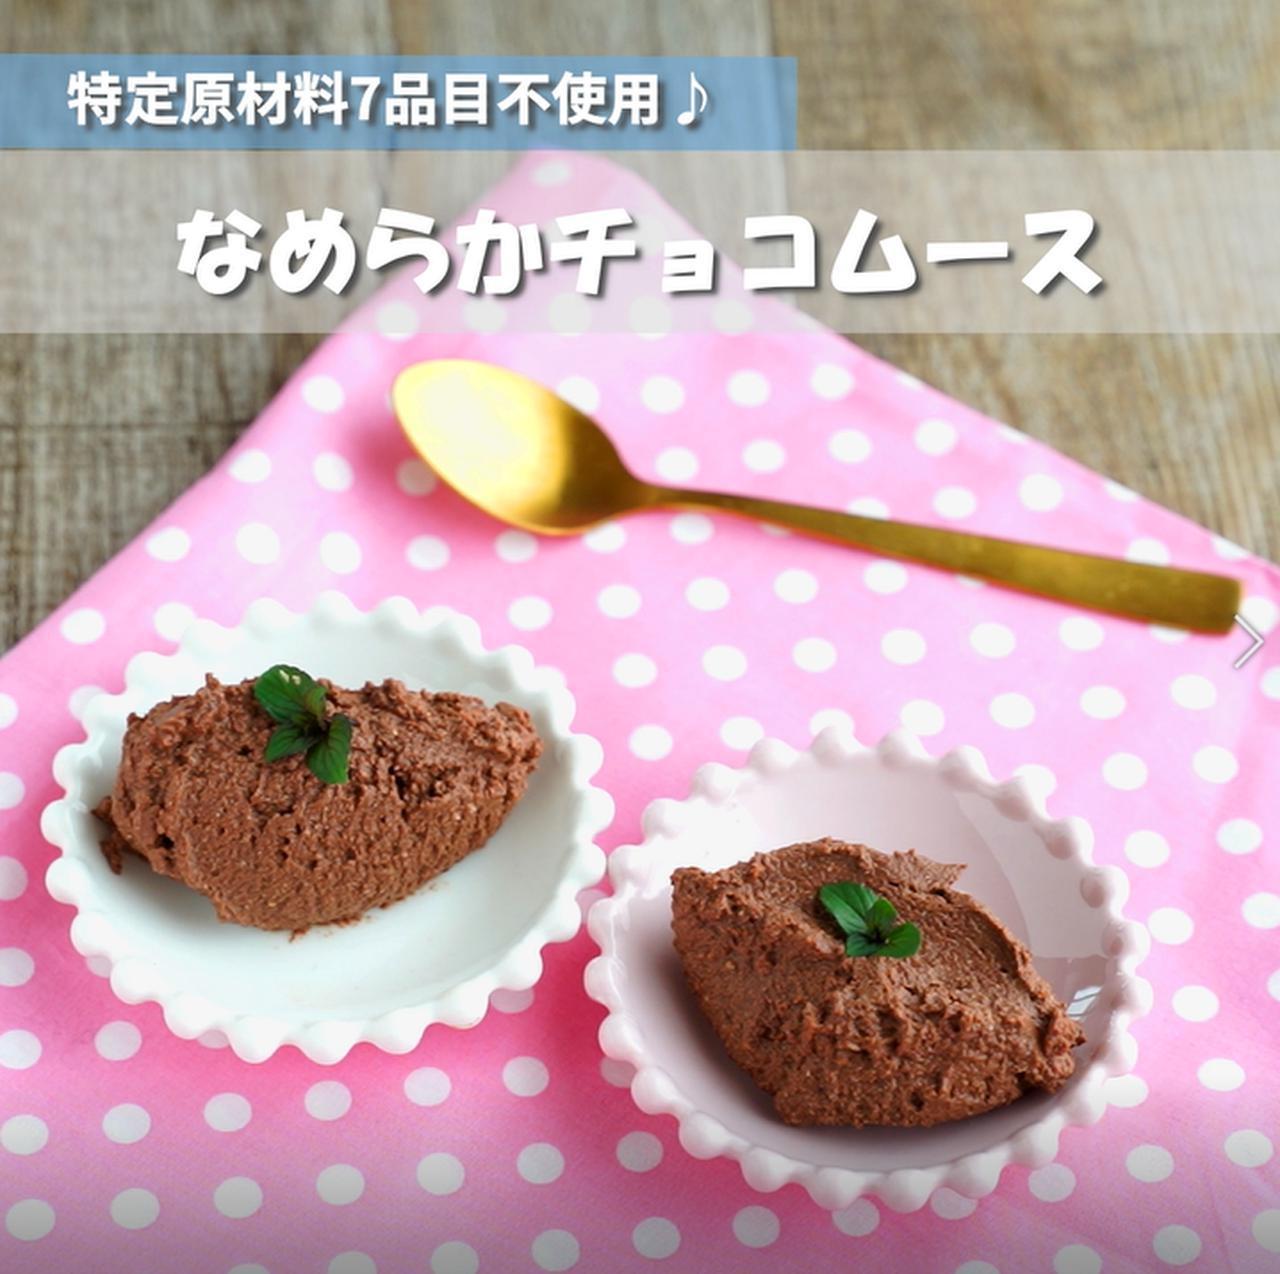 画像: 簡単なめらかチョコレートムース - 君とごはん